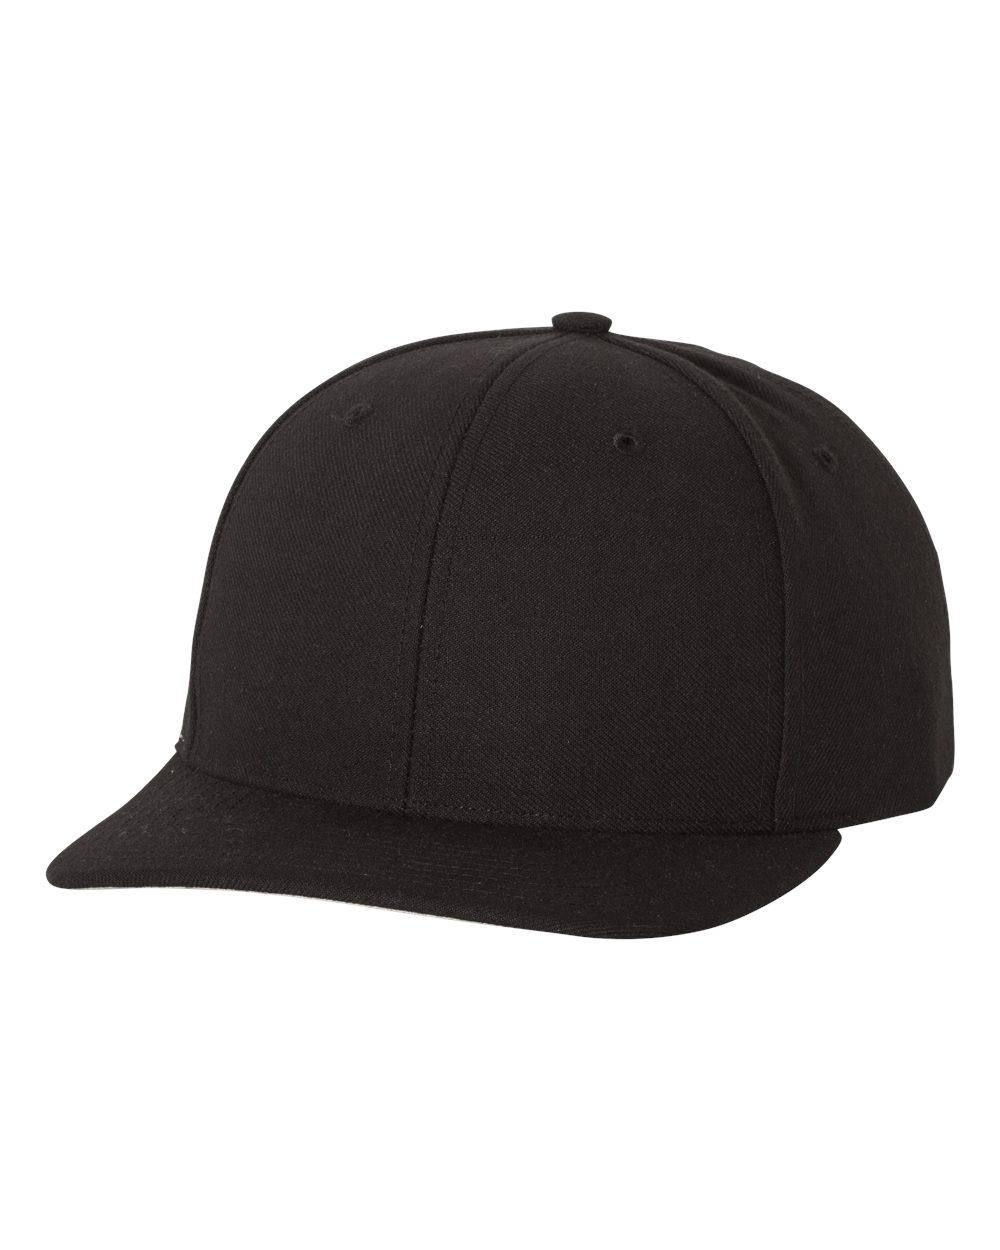 Richardson 514 - Surge Adjustable Cap